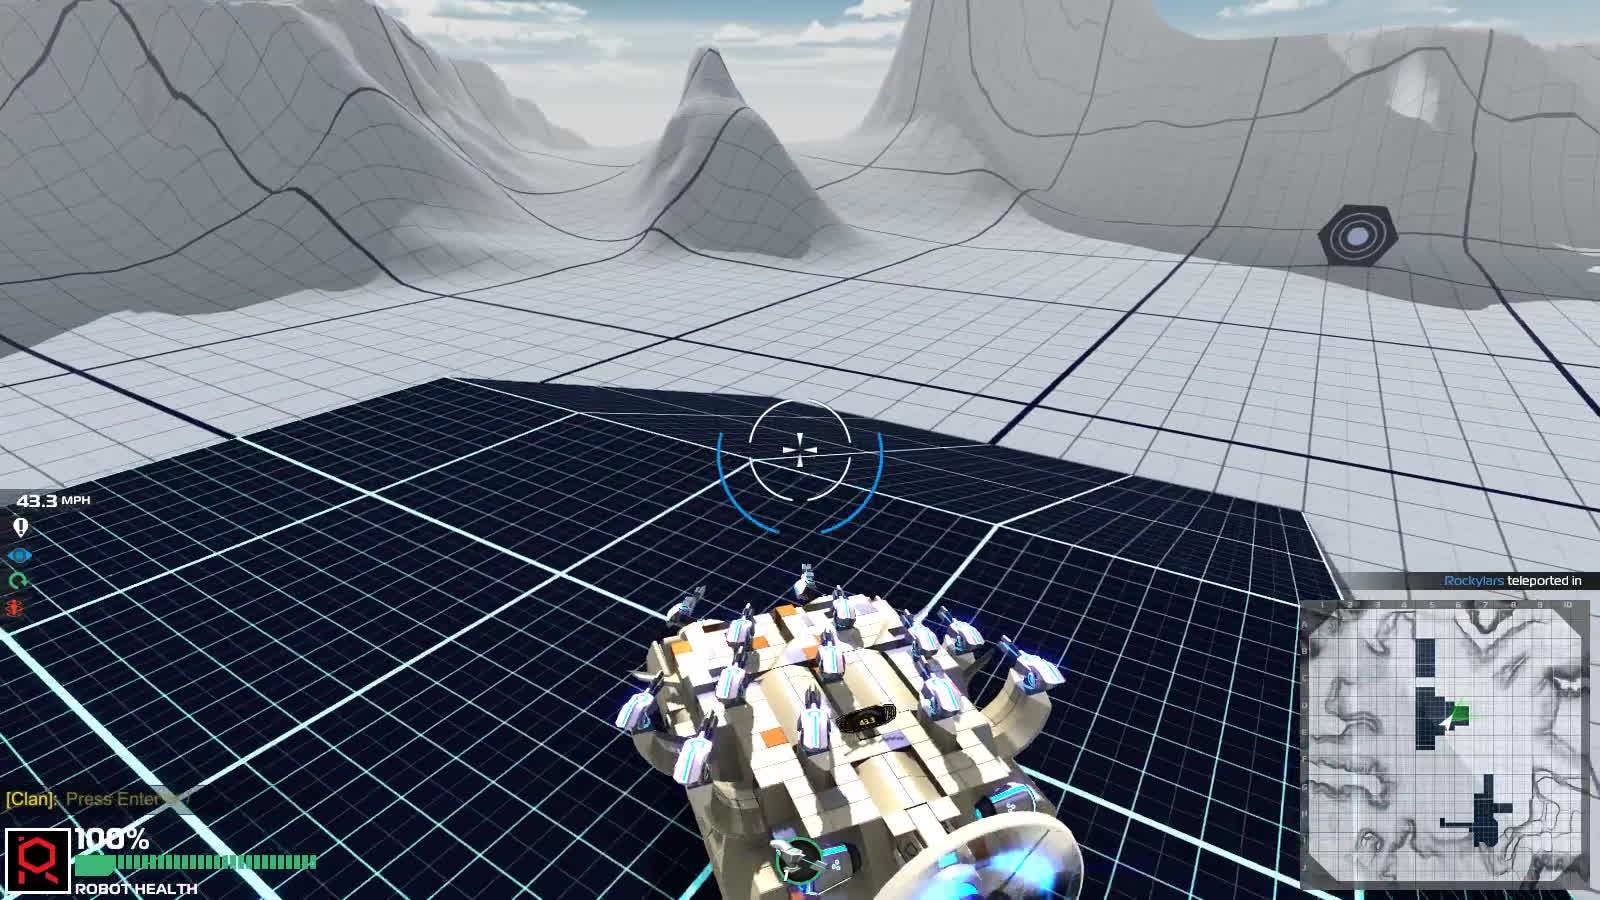 Robocraft, Wheels GIFs